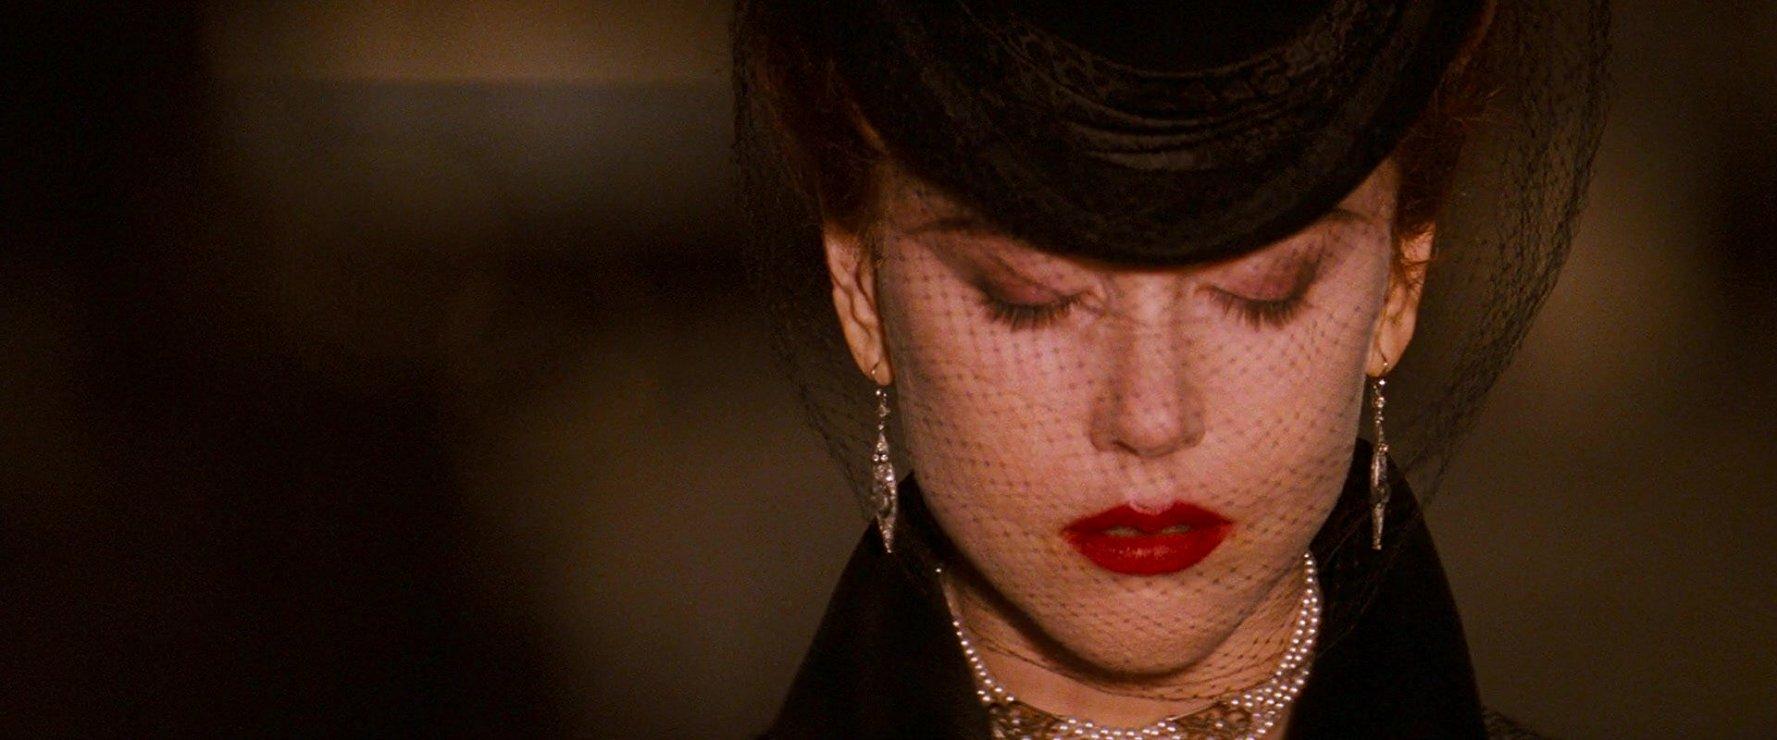 妮可基德曼演的电影_妮可·基德曼不是女神,只是一个殿堂级的女人_本周最佳着装/最 ...